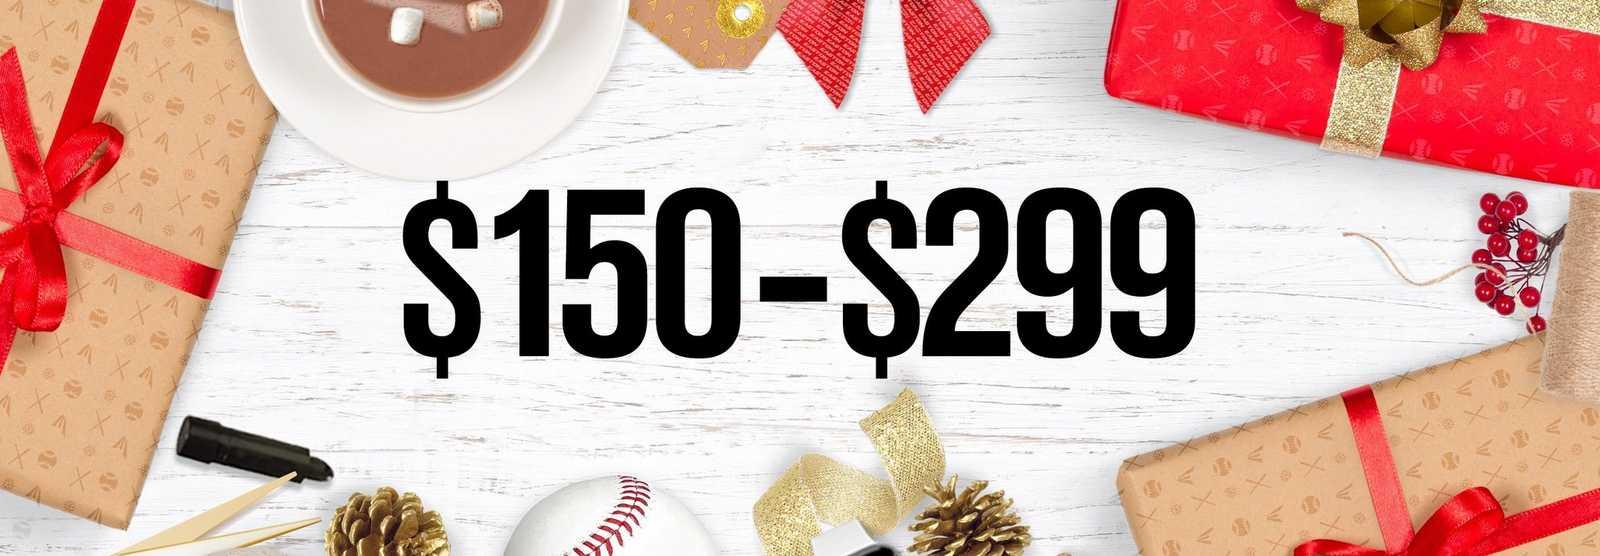 baseball-150-299-gift-guide